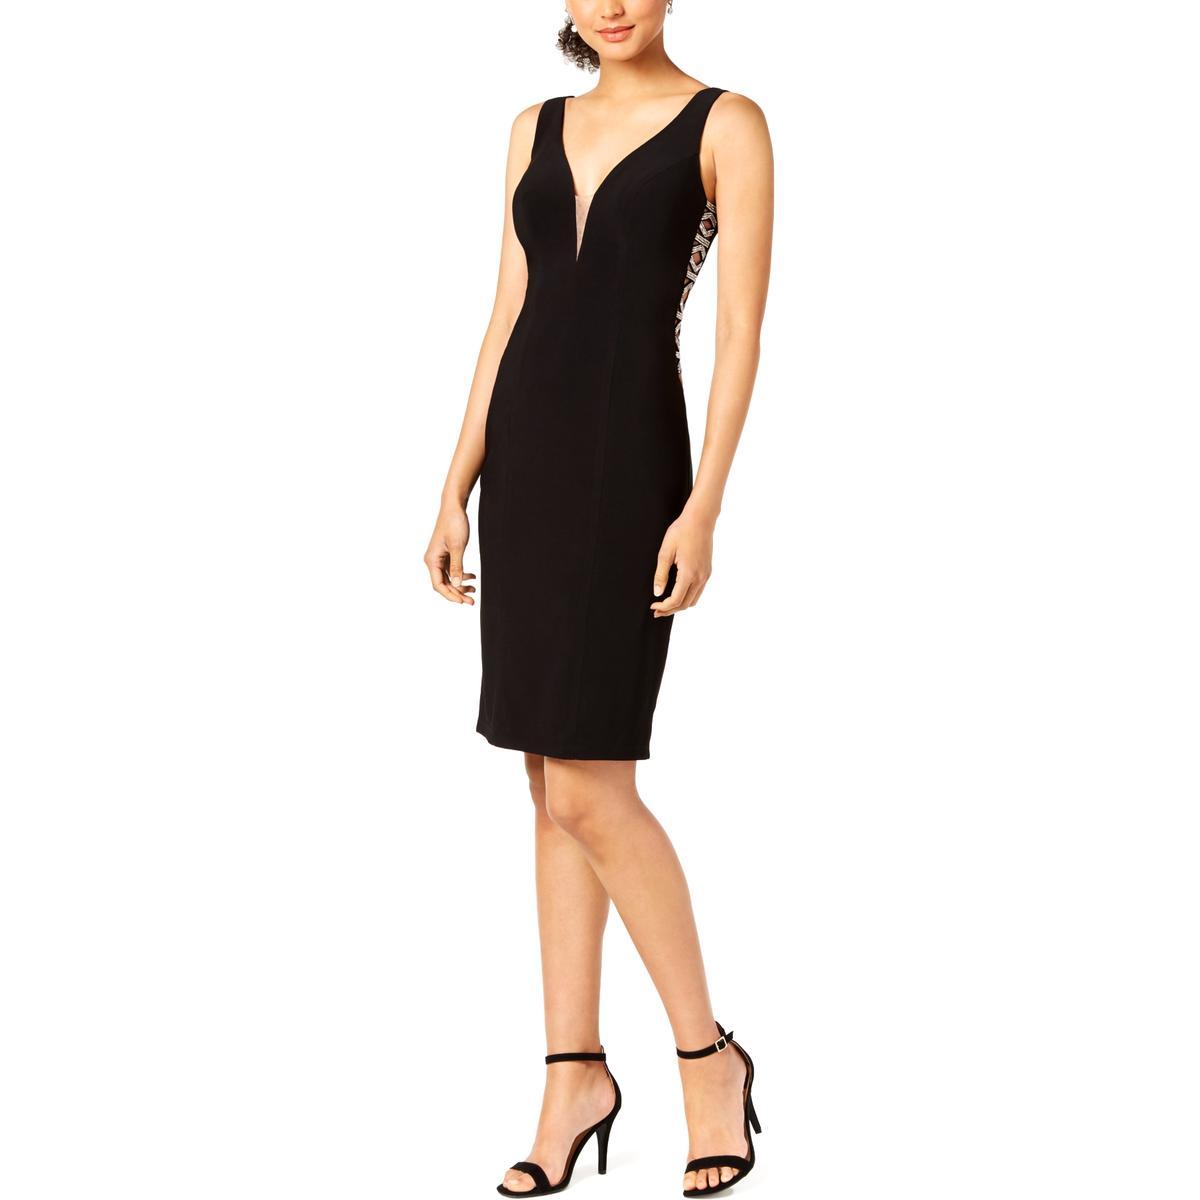 c42b5225 Xscape Petites Womens Cut-Out Mesh Cocktail Dress